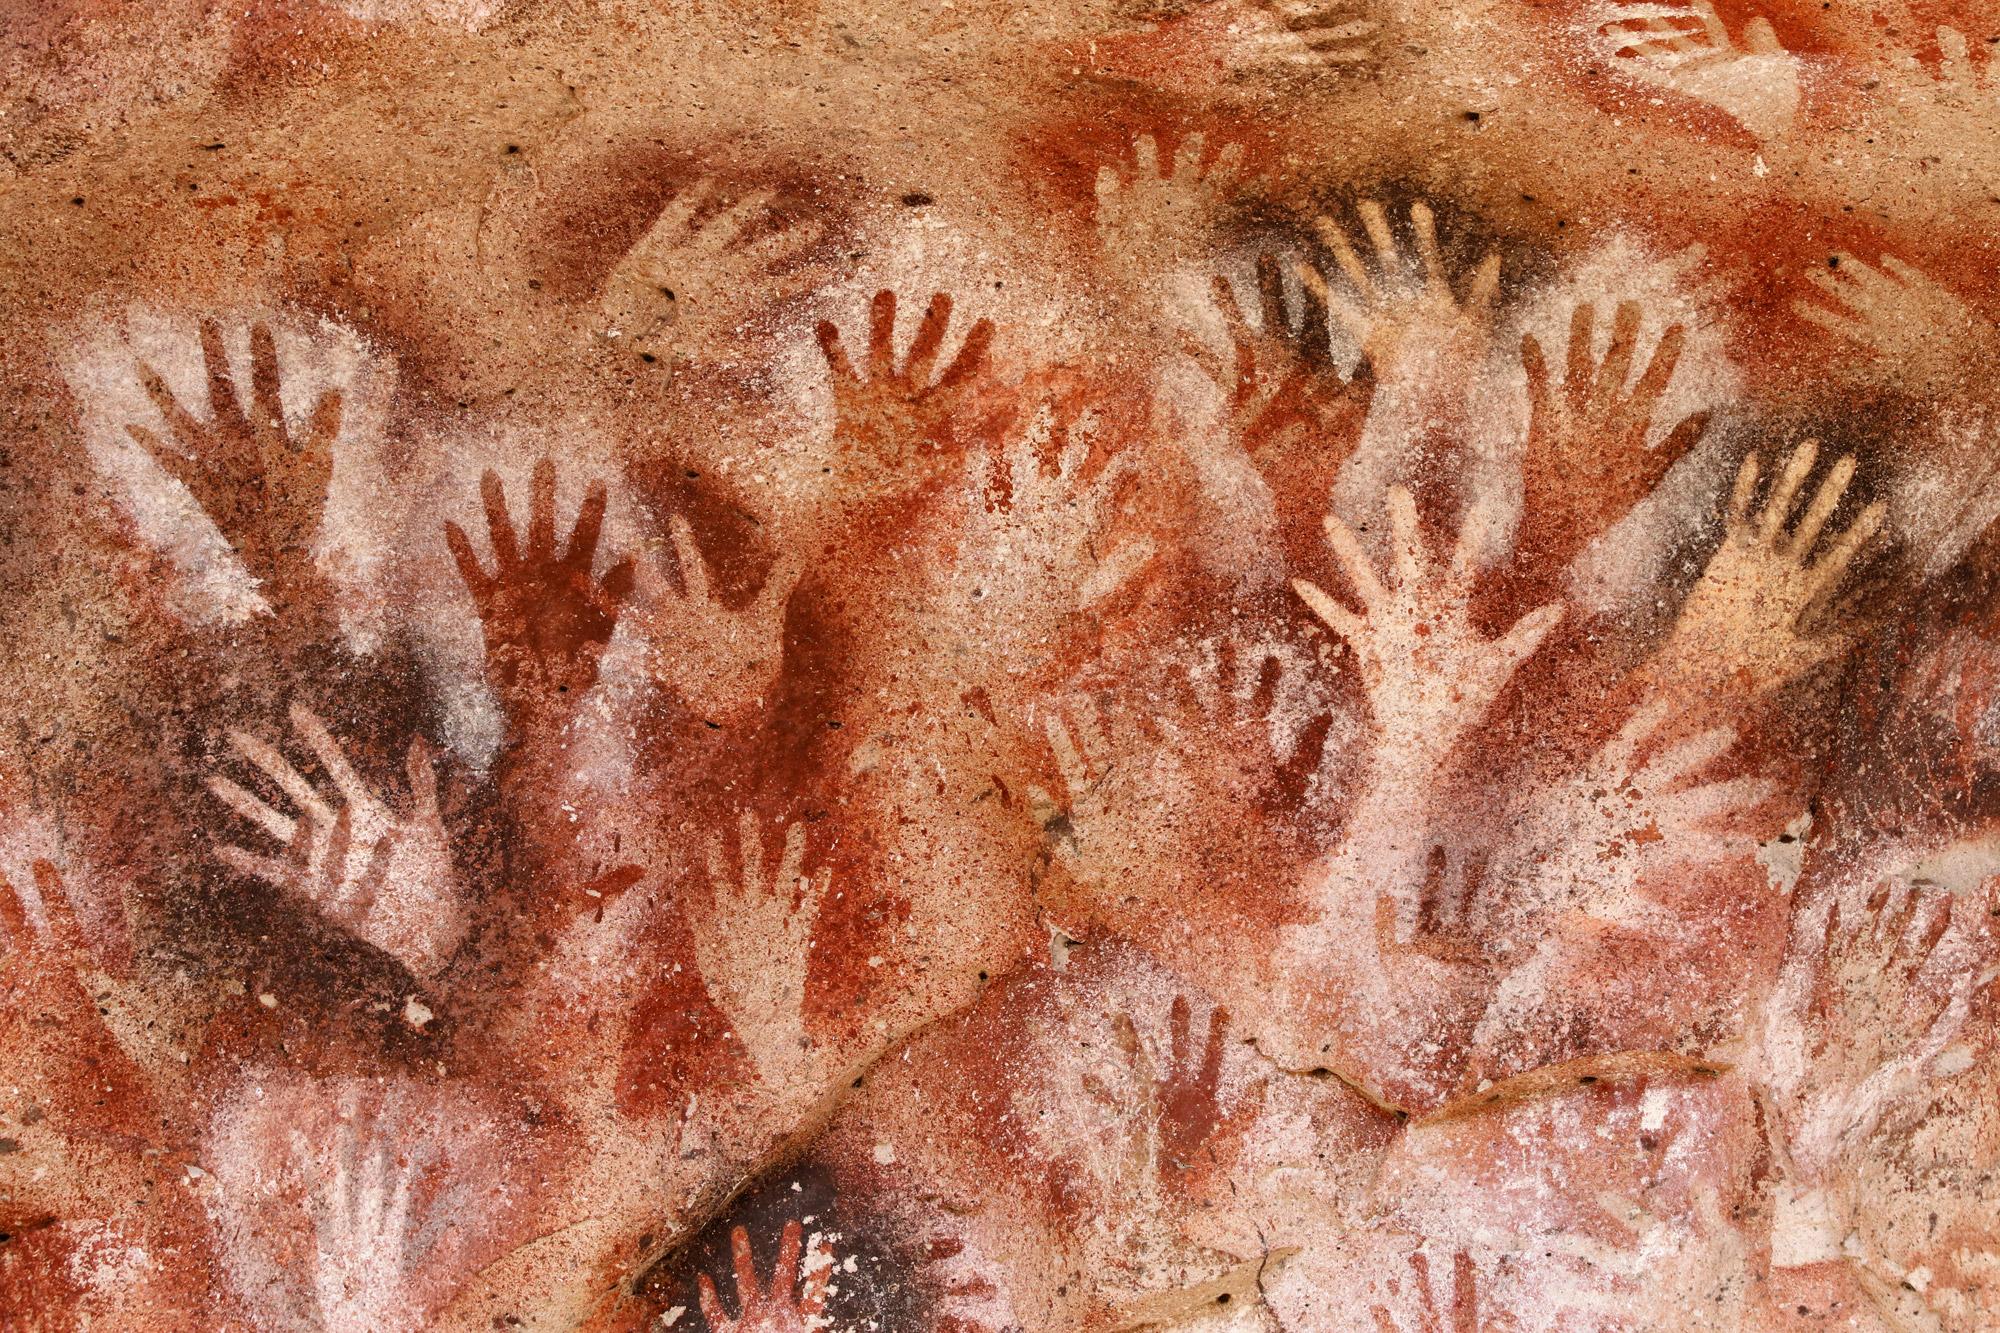 Cueva de las Manos, Werelderfgoed in Argentinië